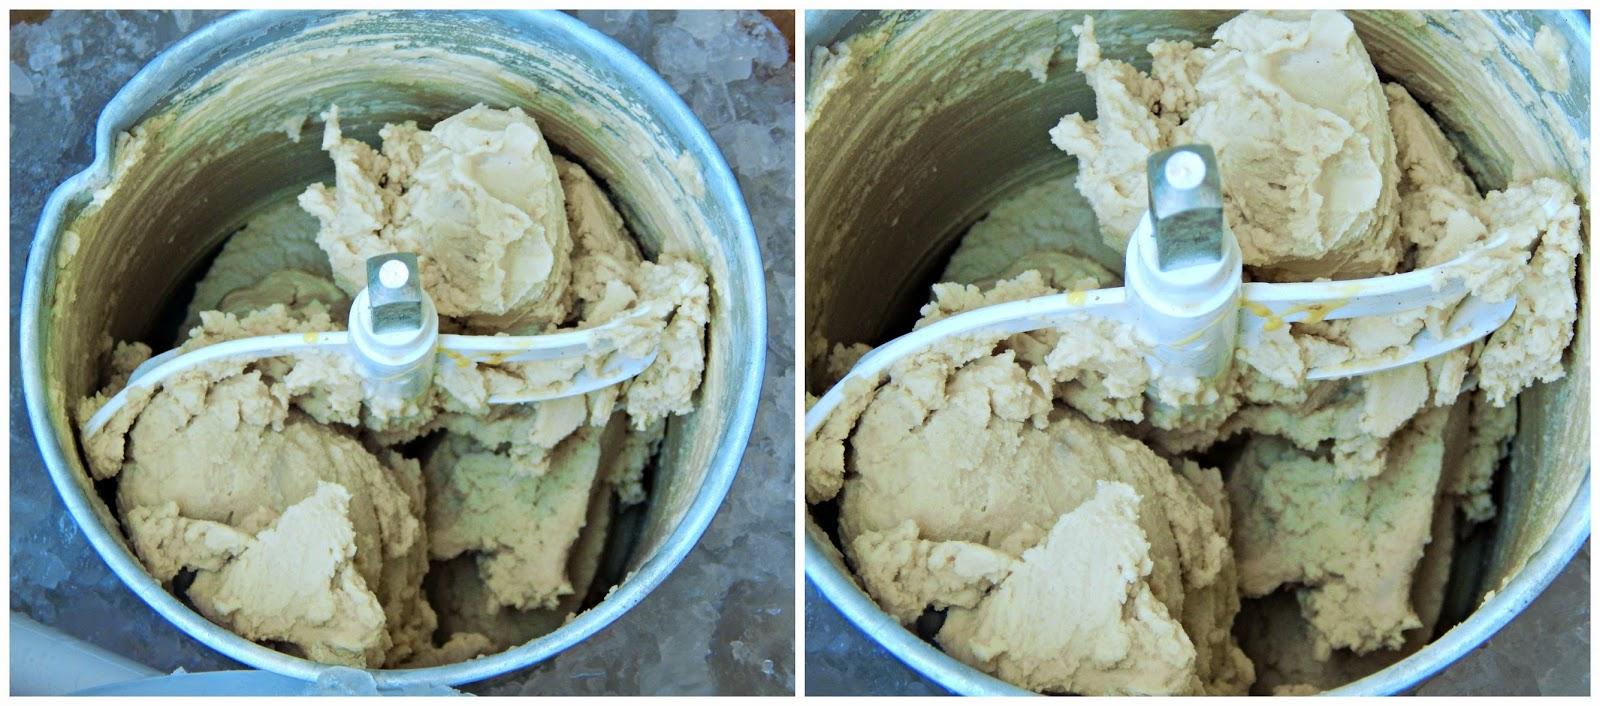 Dr. Pepper #BackyardBash + ice cream recipe #Shop #Cbias #CollectiveBias